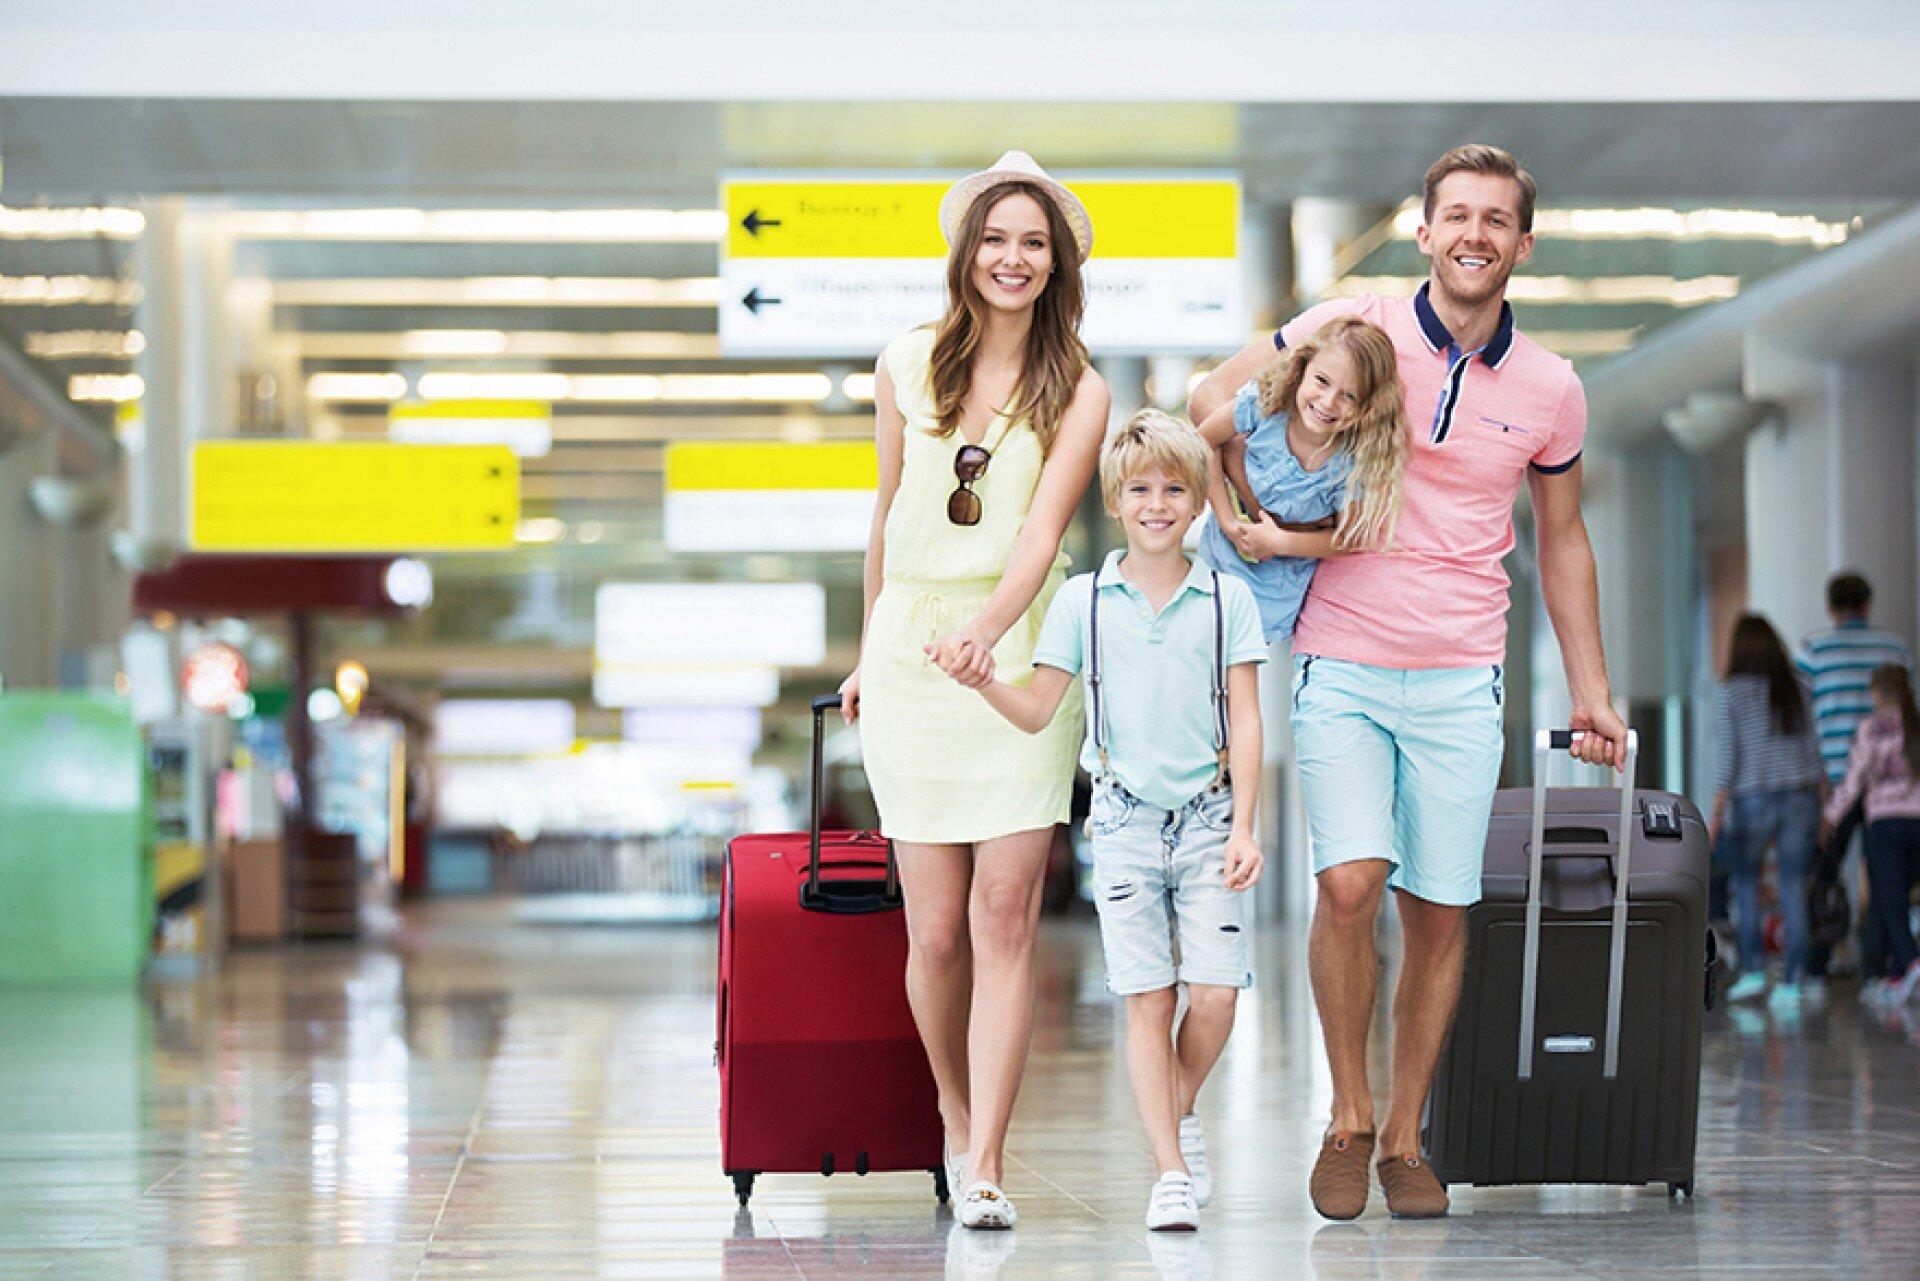 Vali - người bạn đồng hành không thể thiếu trong mỗi chuyến đi